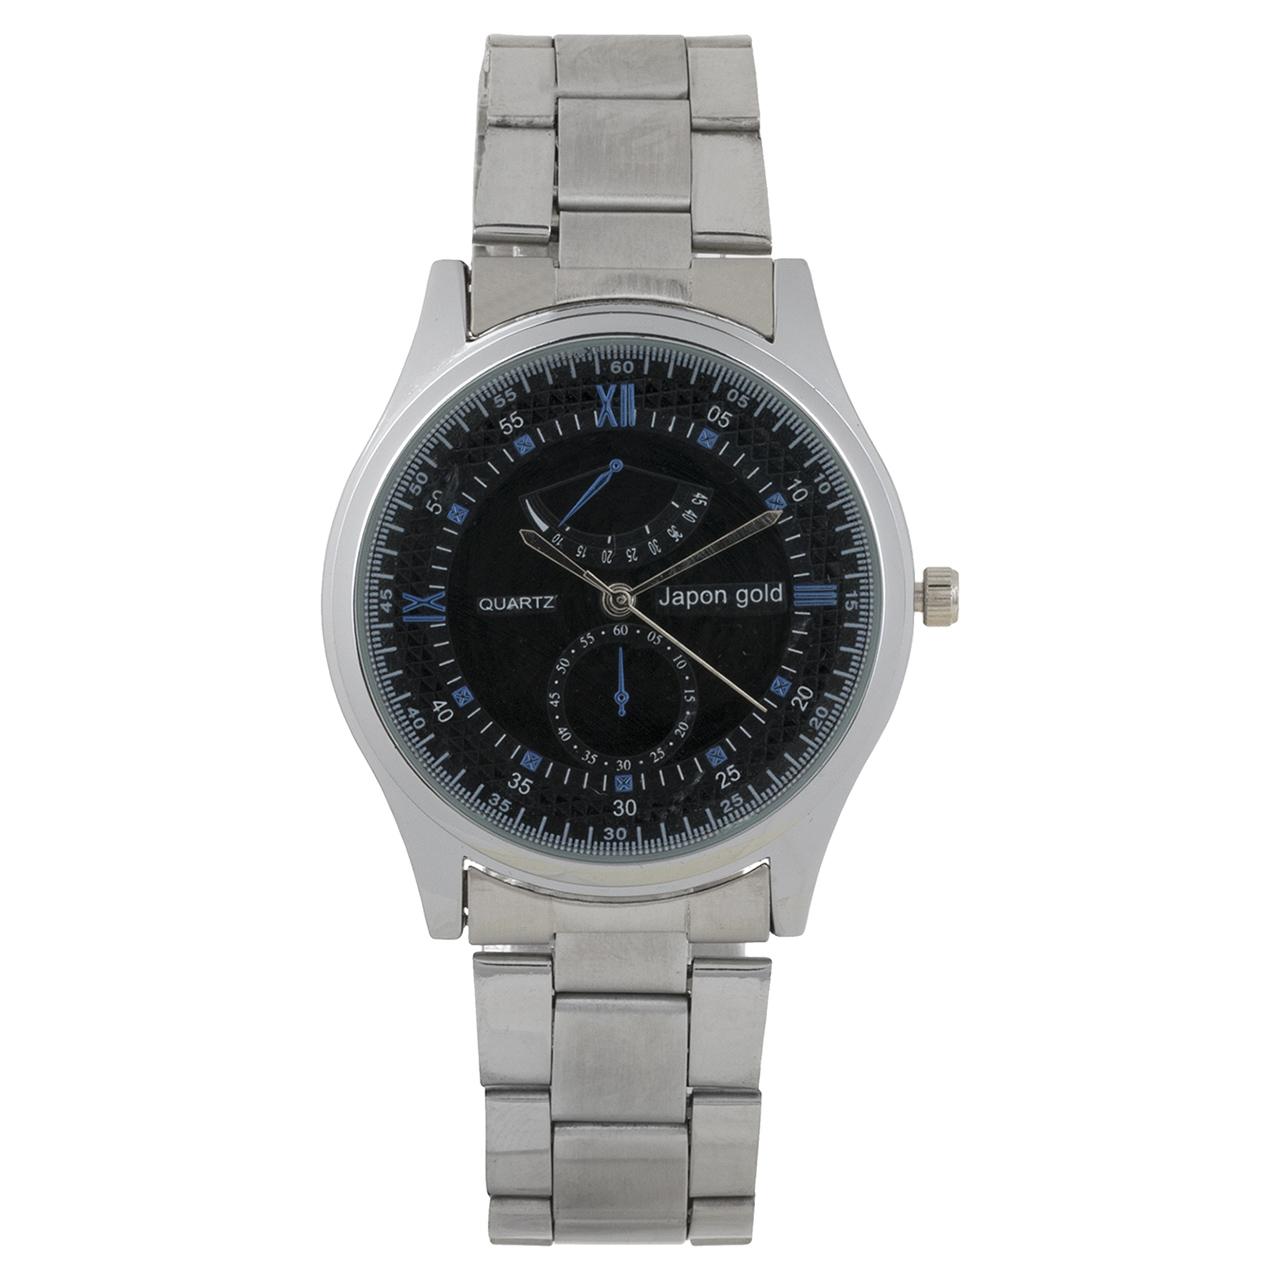 ساعت مچی عقربه ای ژاپن گلد مدل M011